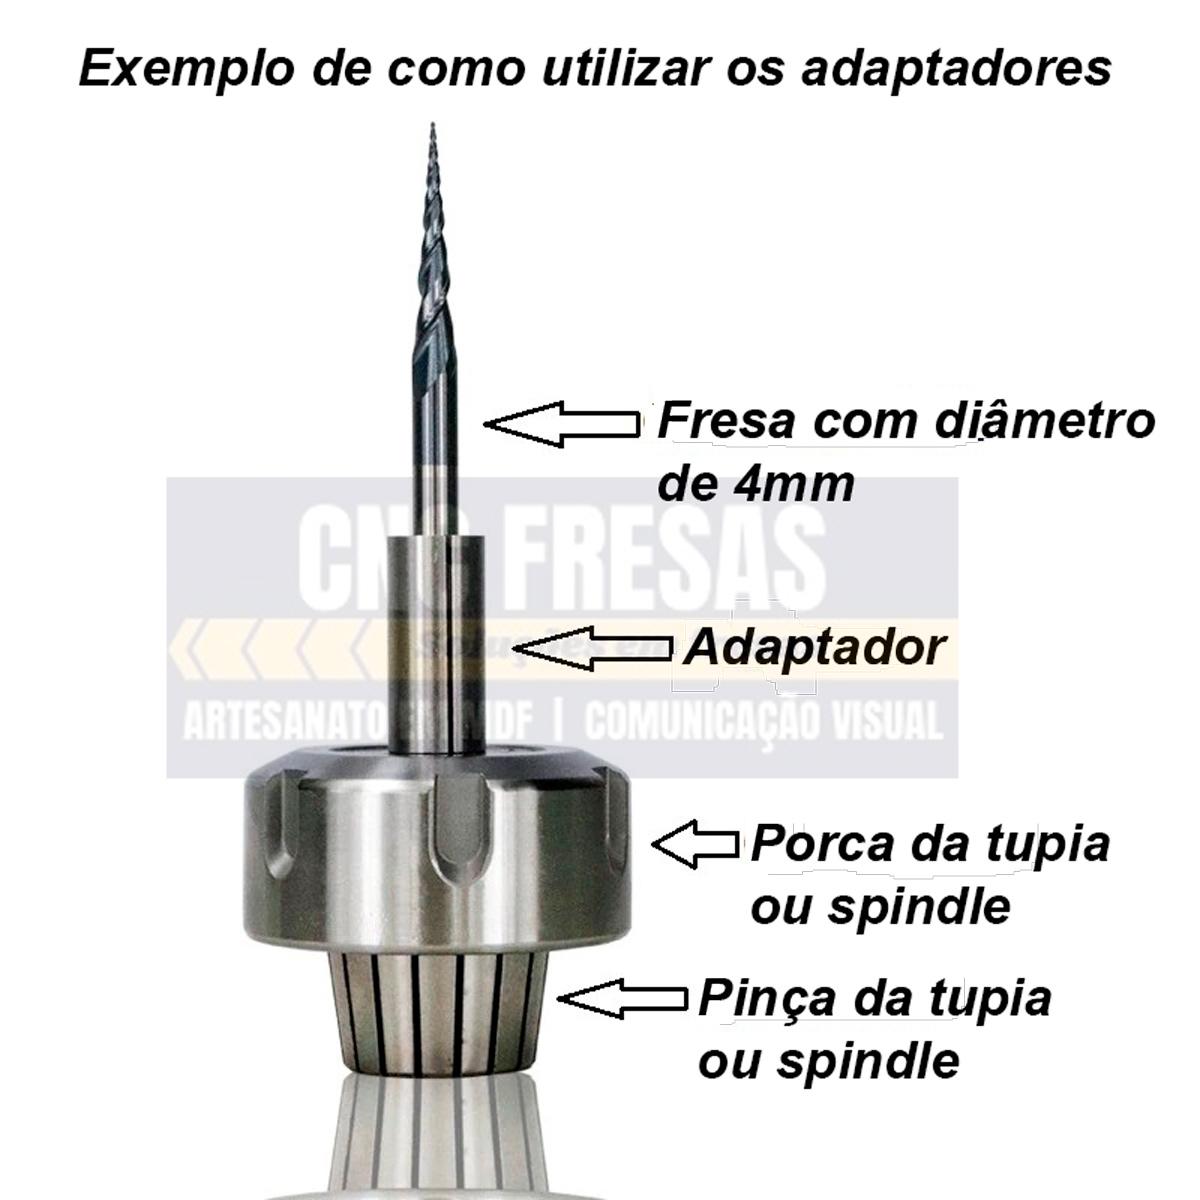 Adaptador Tupia Cnc Retífica Spindle, 1/4 P/ 4mm Router Cnc